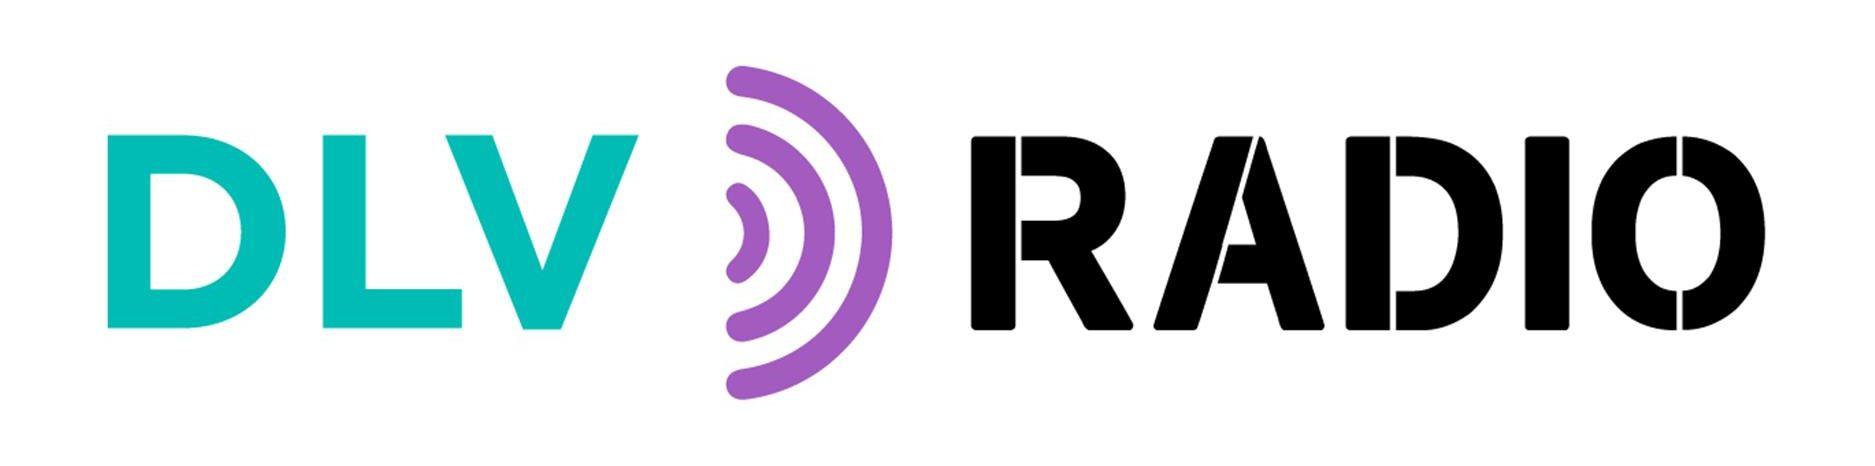 DLVradio